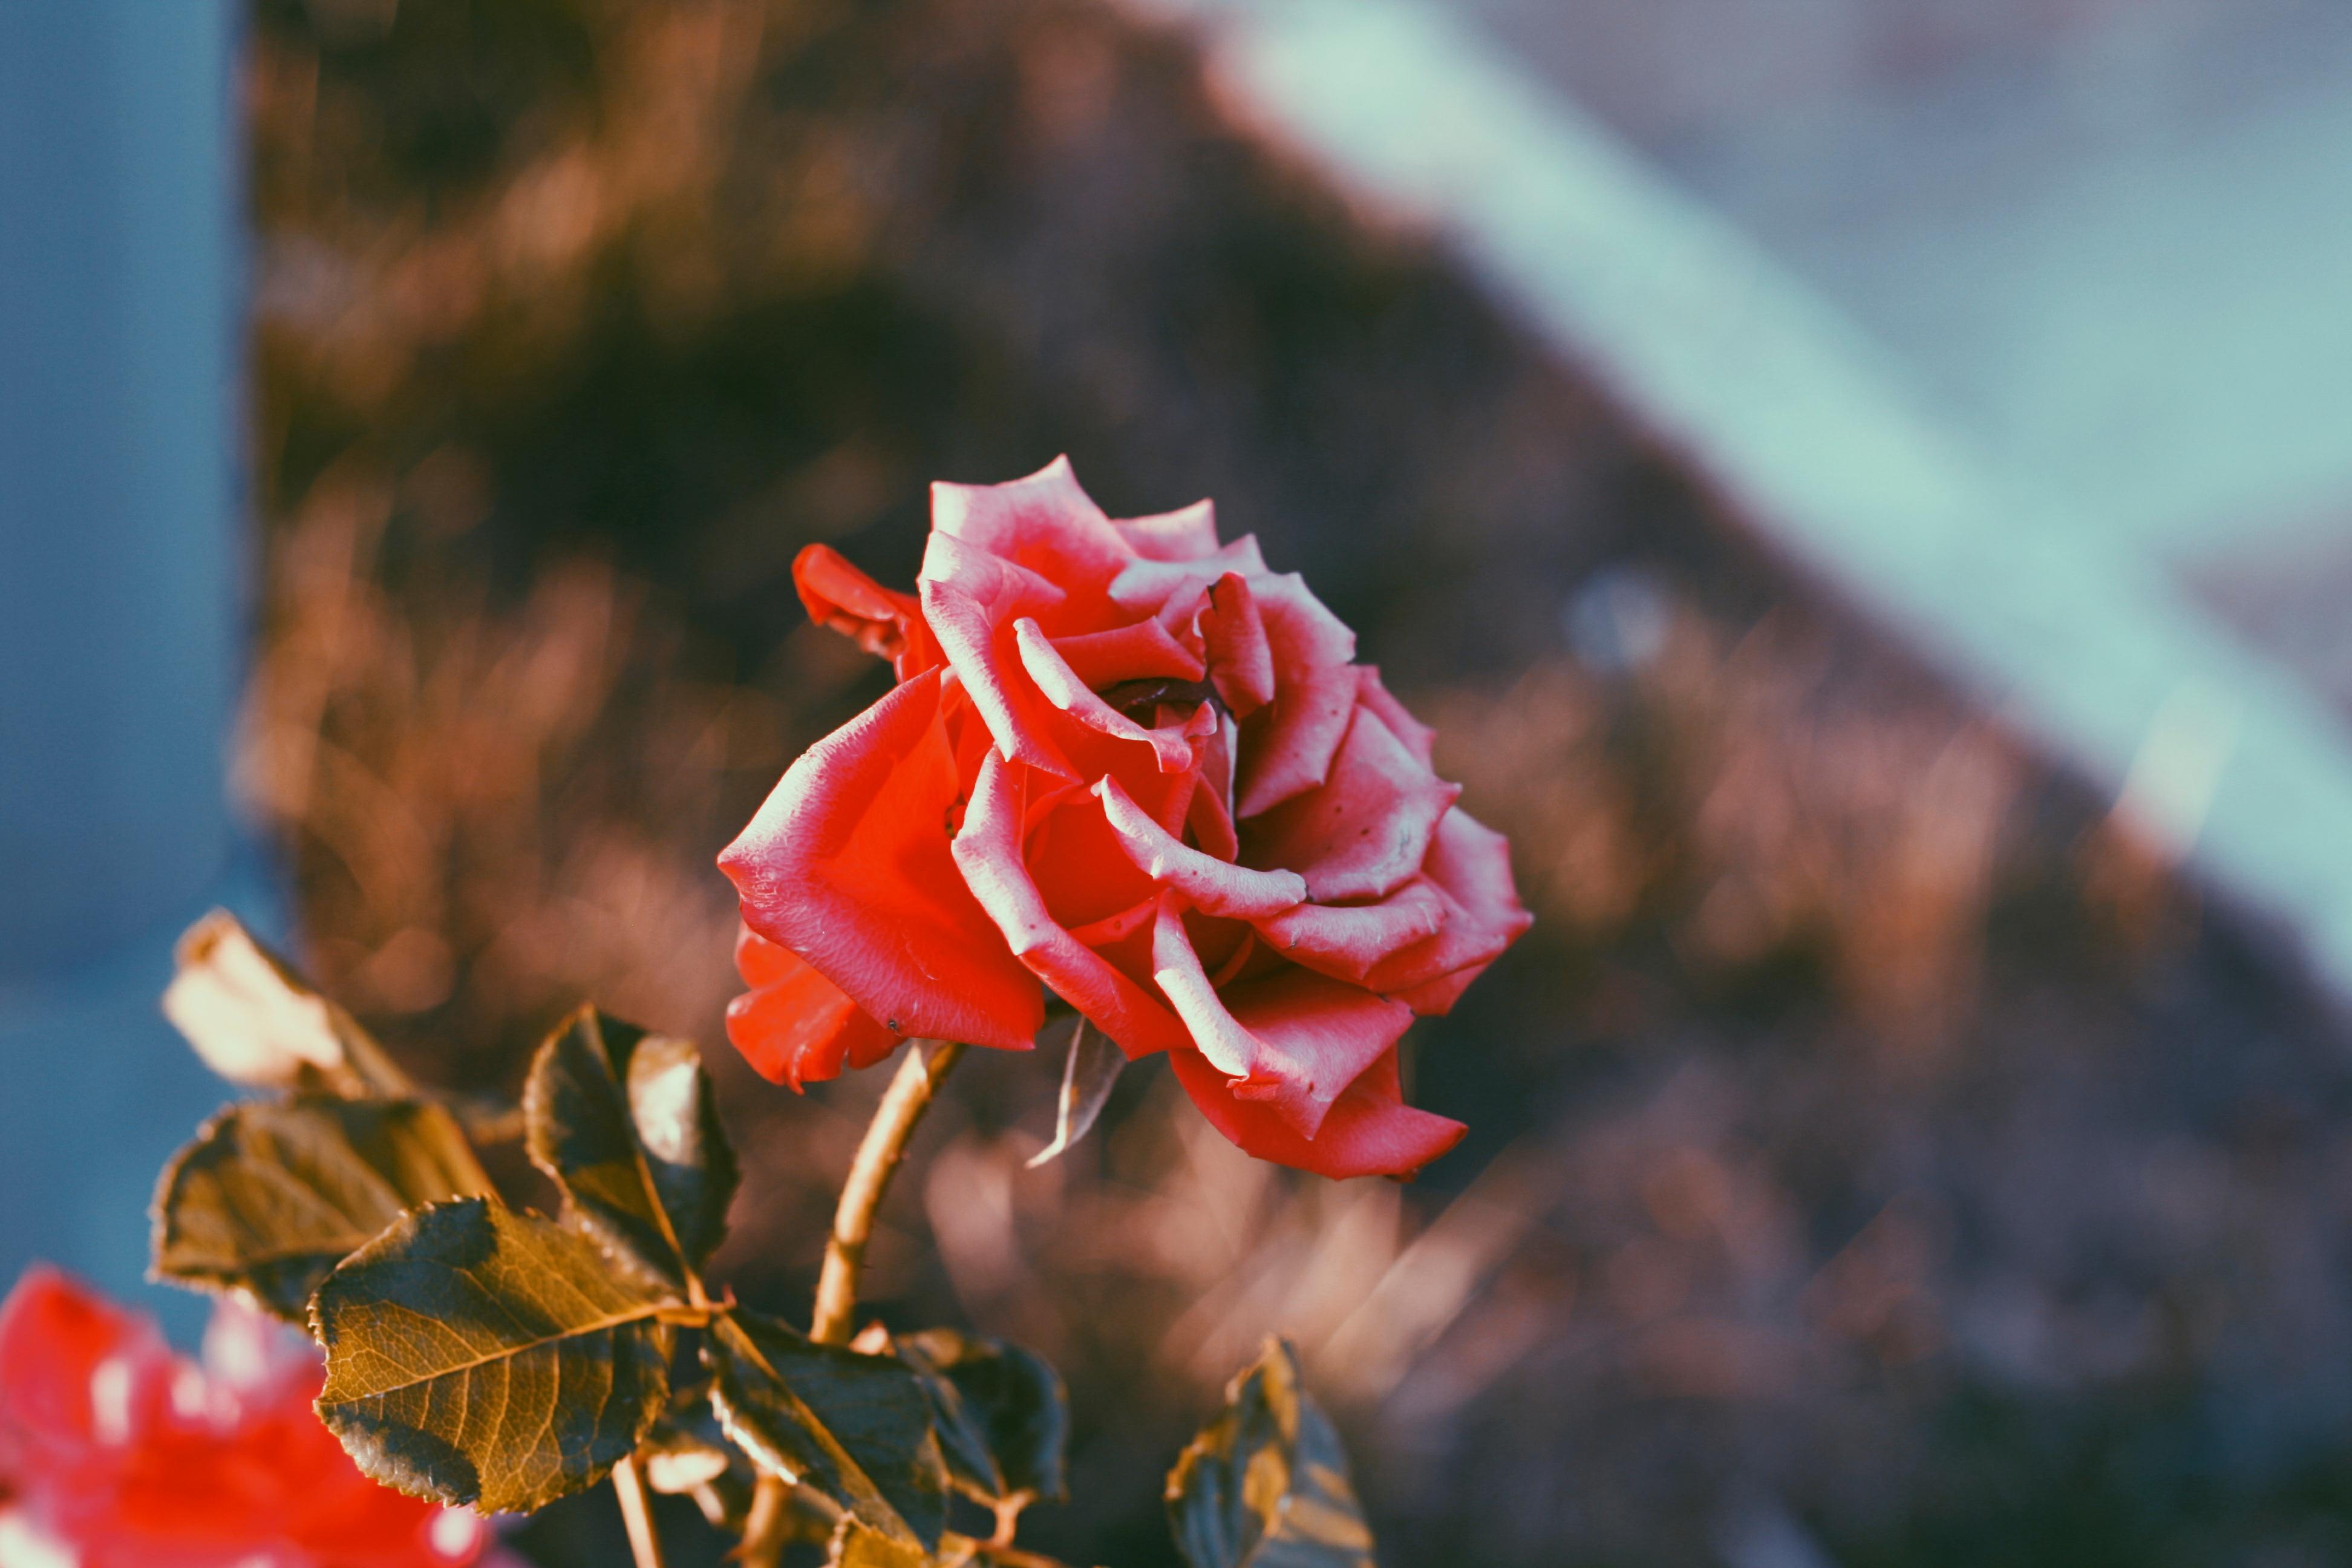 Gambar Pohon Alam Mekar Menanam Daun Bunga Mawar Musim